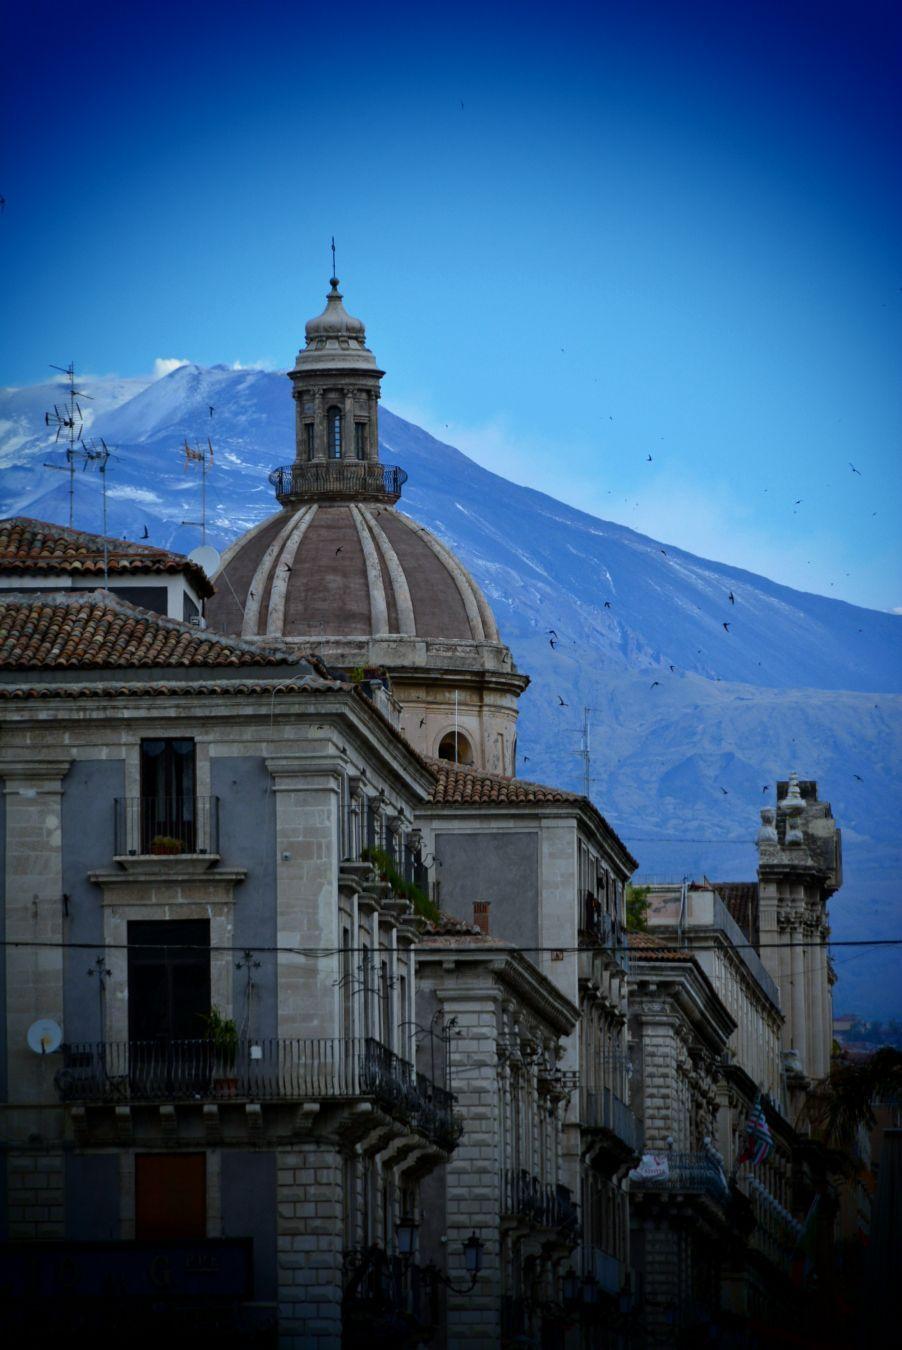 エトナ山に抱かれた世界遺産の街・シチリア島カターニアでイタリアンバロックに触れる